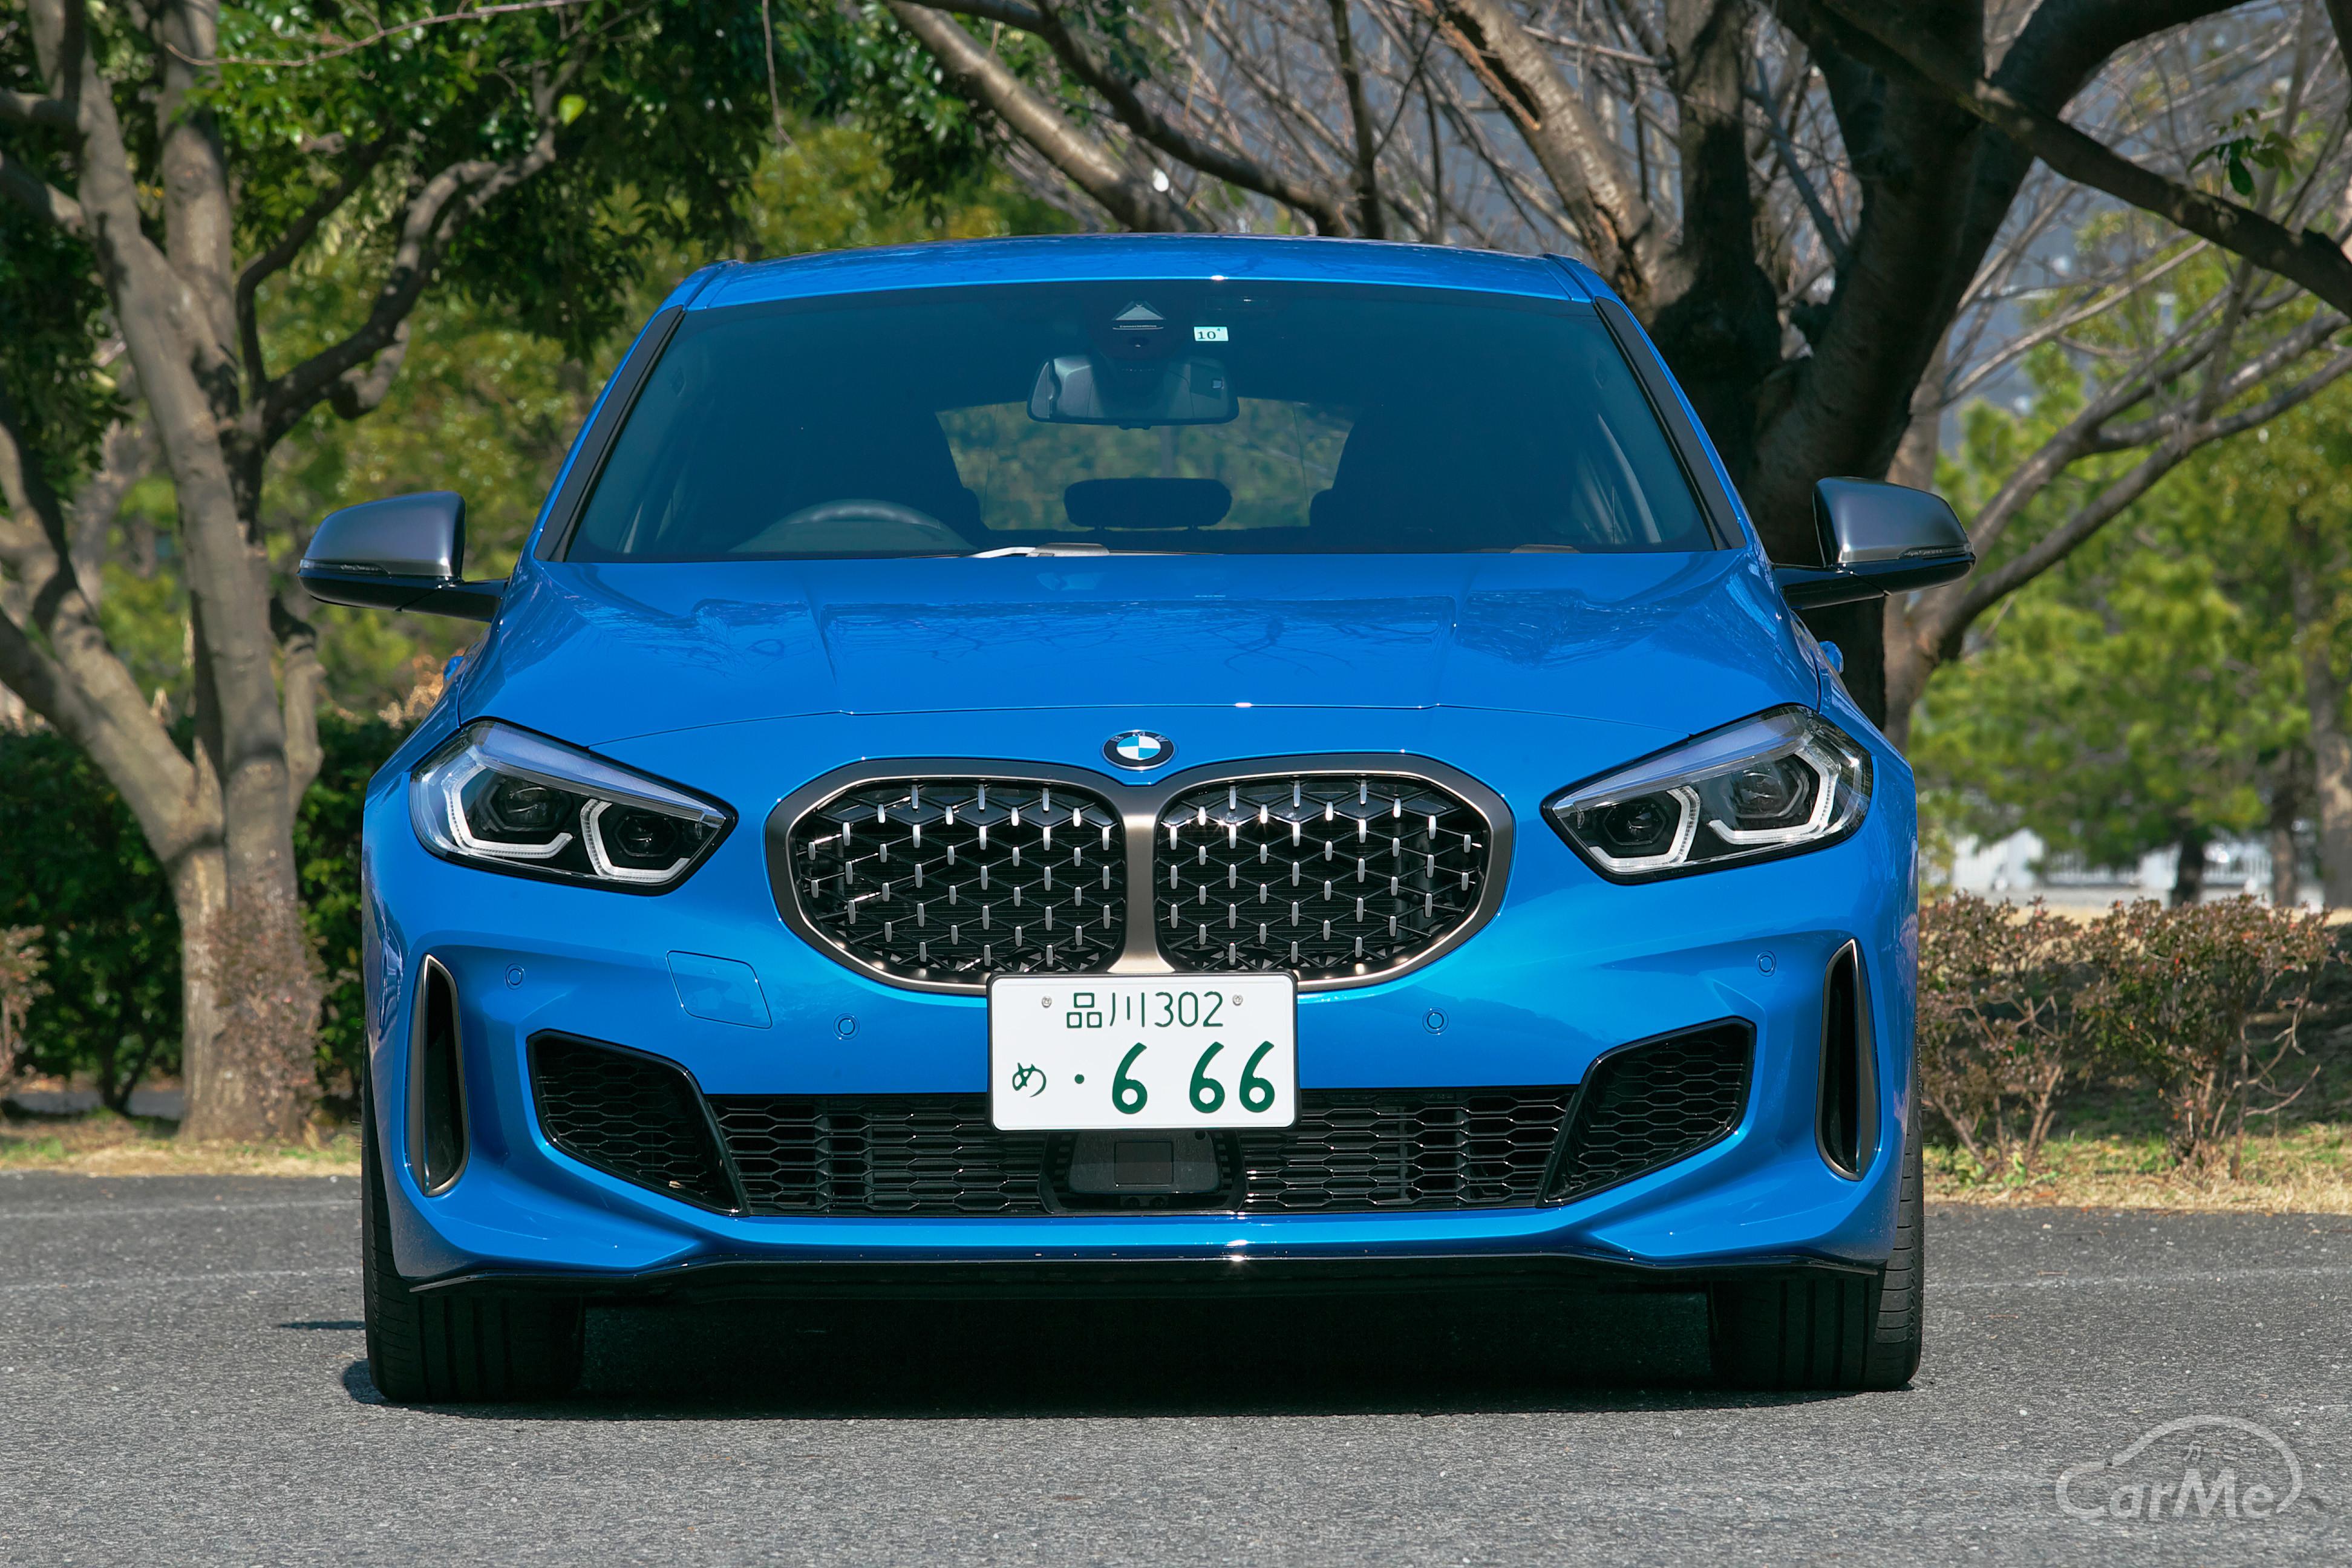 【プロ徹底解説】新型 BMW1シリーズのエクステリアや装備内容などグレードによる装備の違いとは?